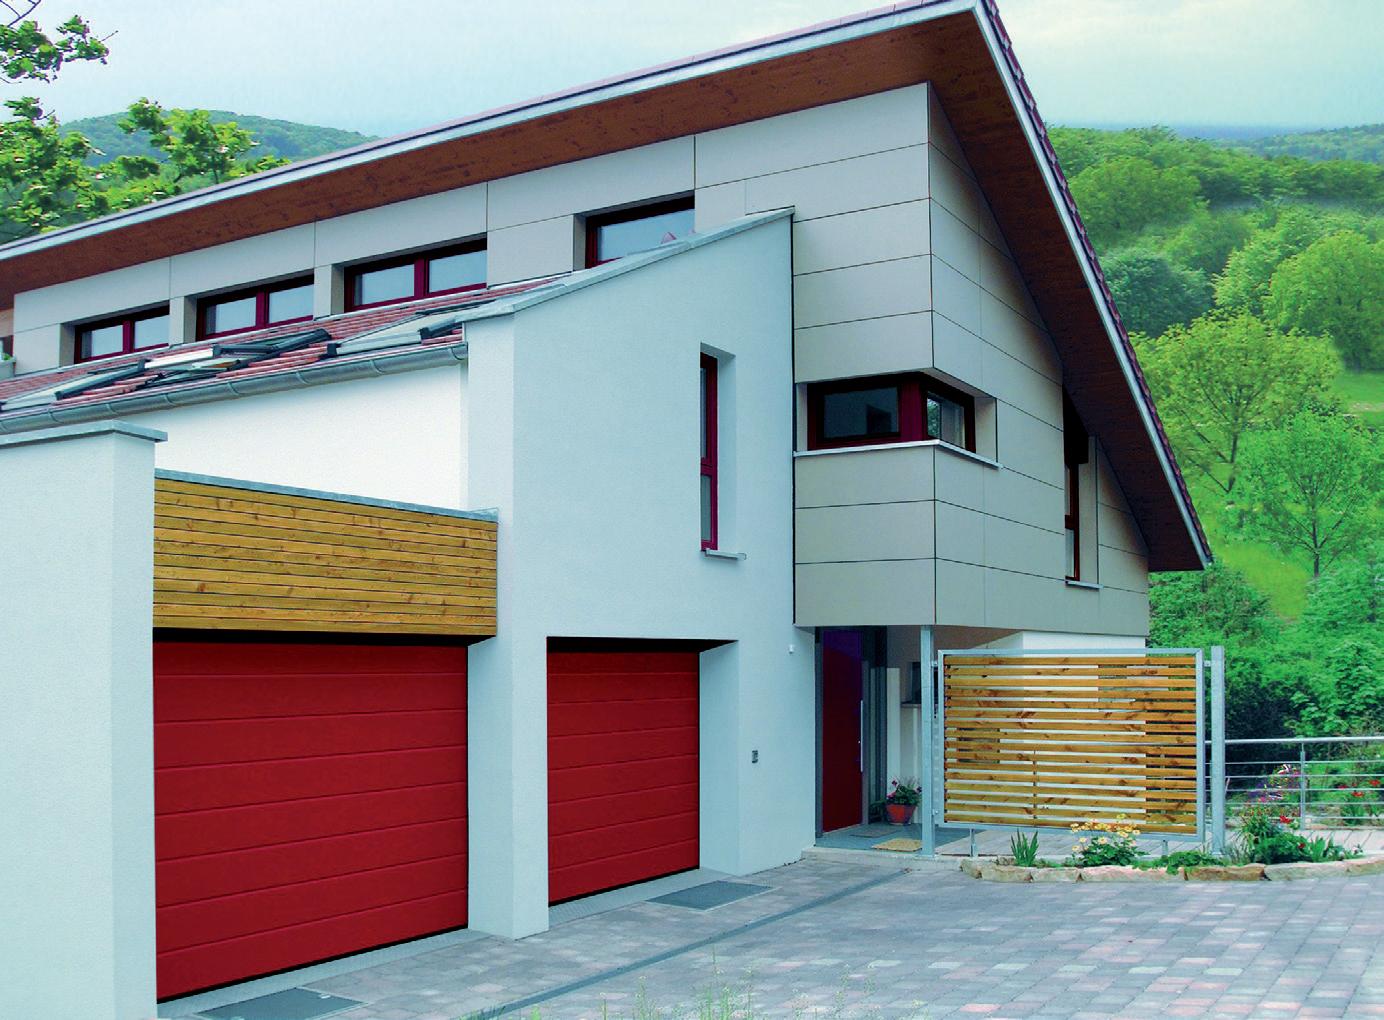 Budowa Otoczenie Domu Grupa Psb Materiały Budowlane Remontowe